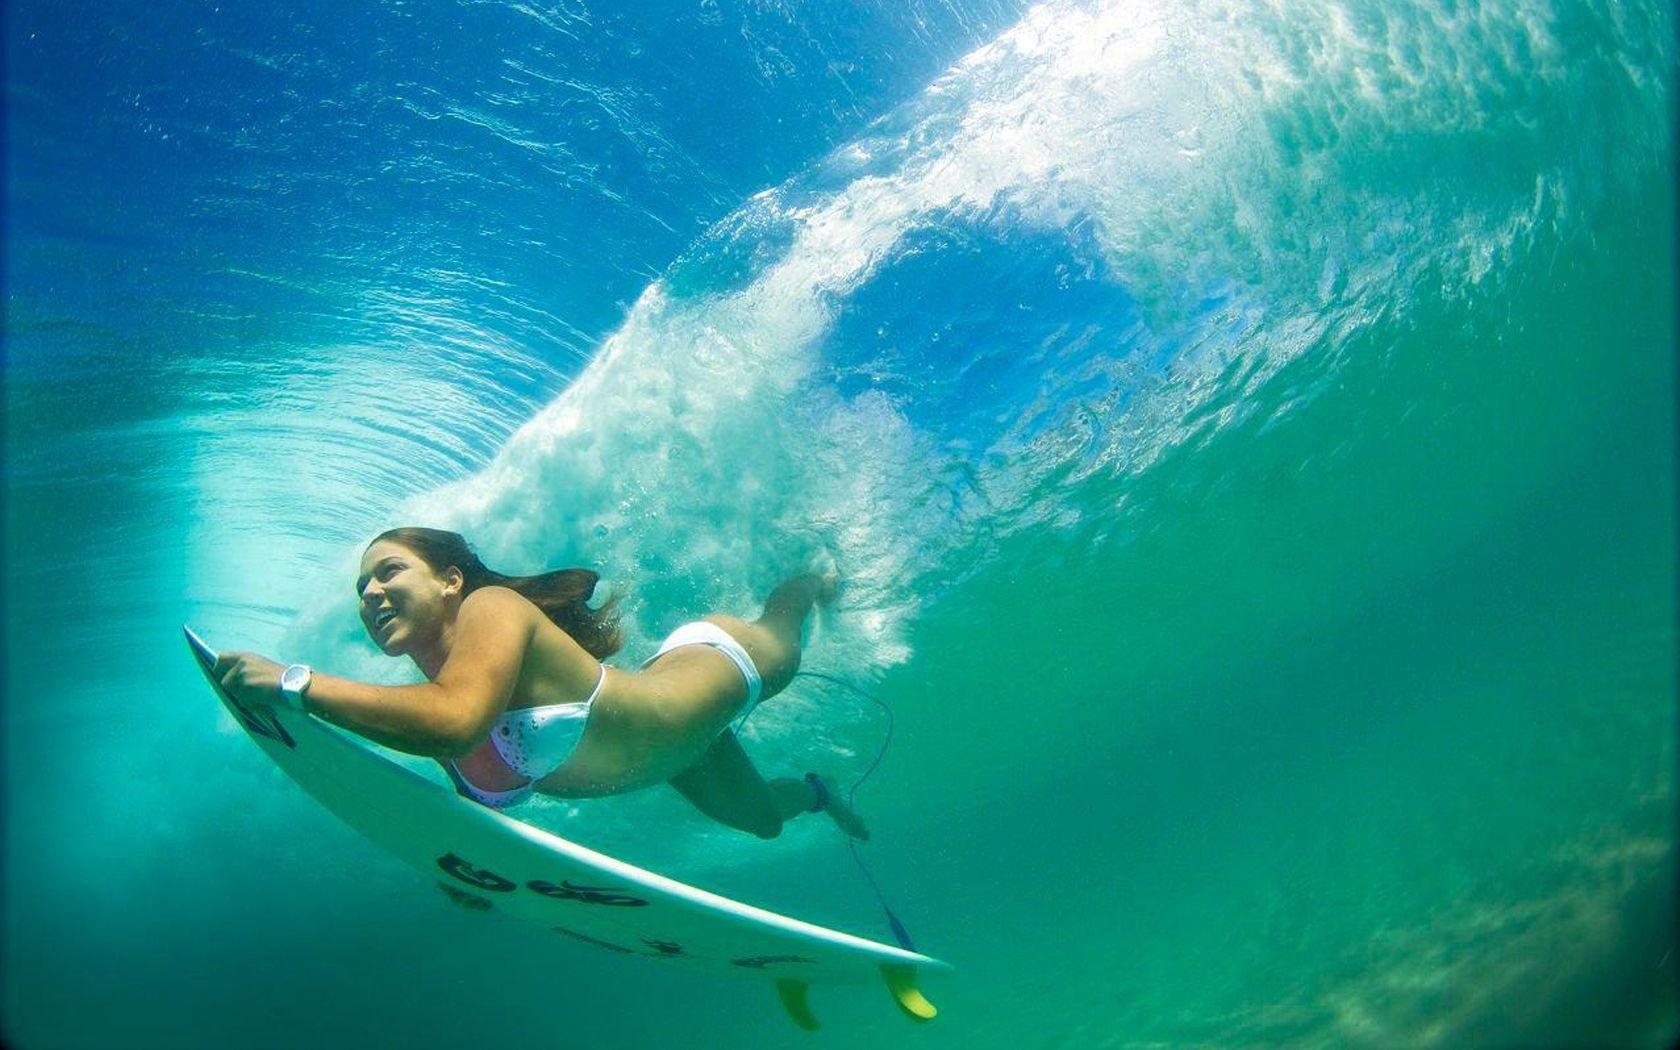 Según el lente de Instagram, aquí les traemos el listado de las diez (10) surfistas más hermosas del mar. Sage Erickson: la rubia de 24 años es originaria de California, Estados Unidos, y ha prometido con regresar esta temporada a la élite del surf tras obtener malos resultados. También ha coqueteado con el modelaje. Laura […]